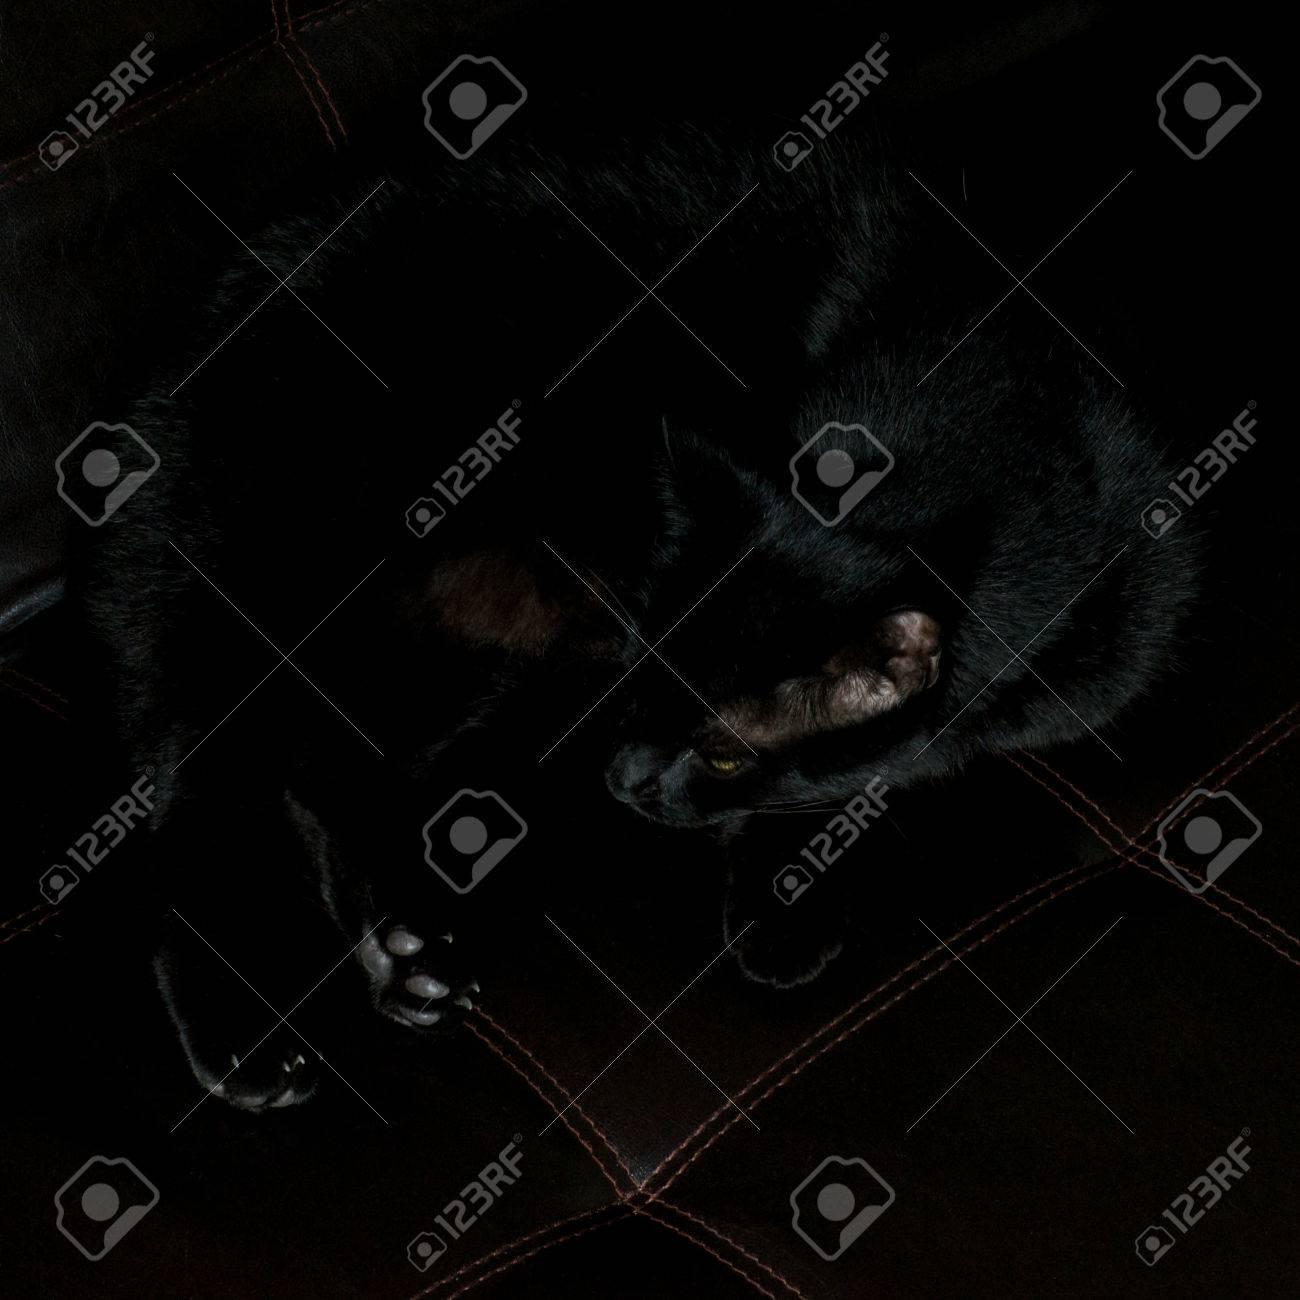 Gatto Divano Pelle.Un Gatto Nero E Stabilisce Che Poggia Su Un Divano In Pelle Nera